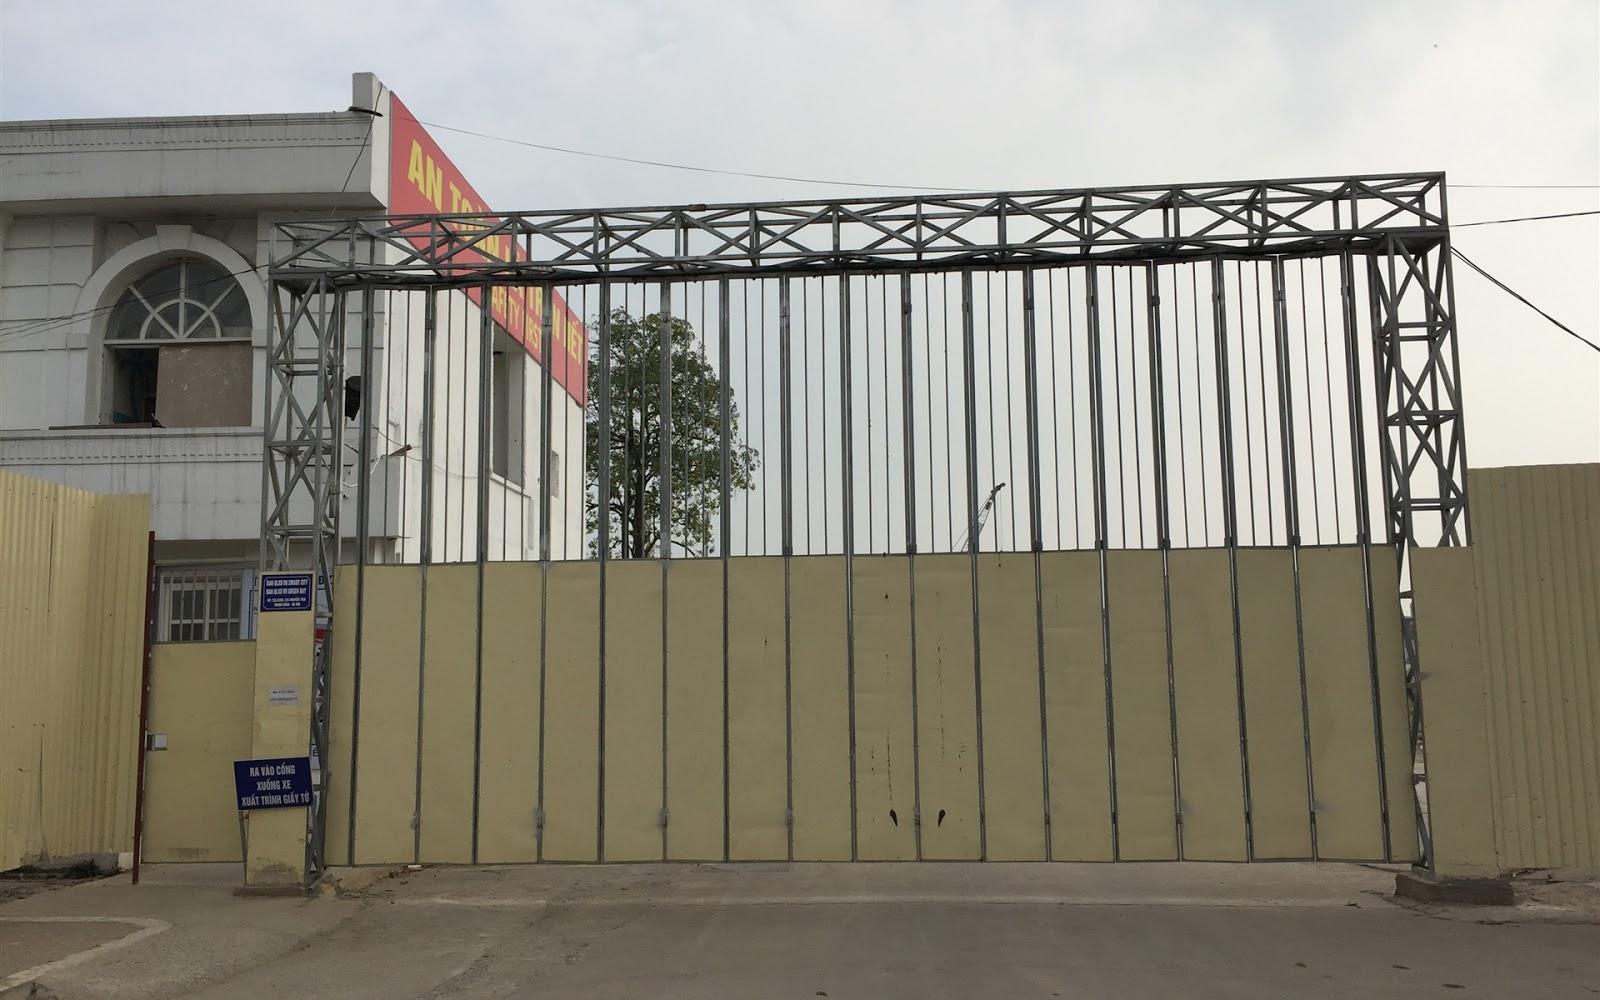 Vingroup triển khai dự án Vinhomes Smart City có quy mô gần bằng Royal City trên đường Nguyễn Trãi